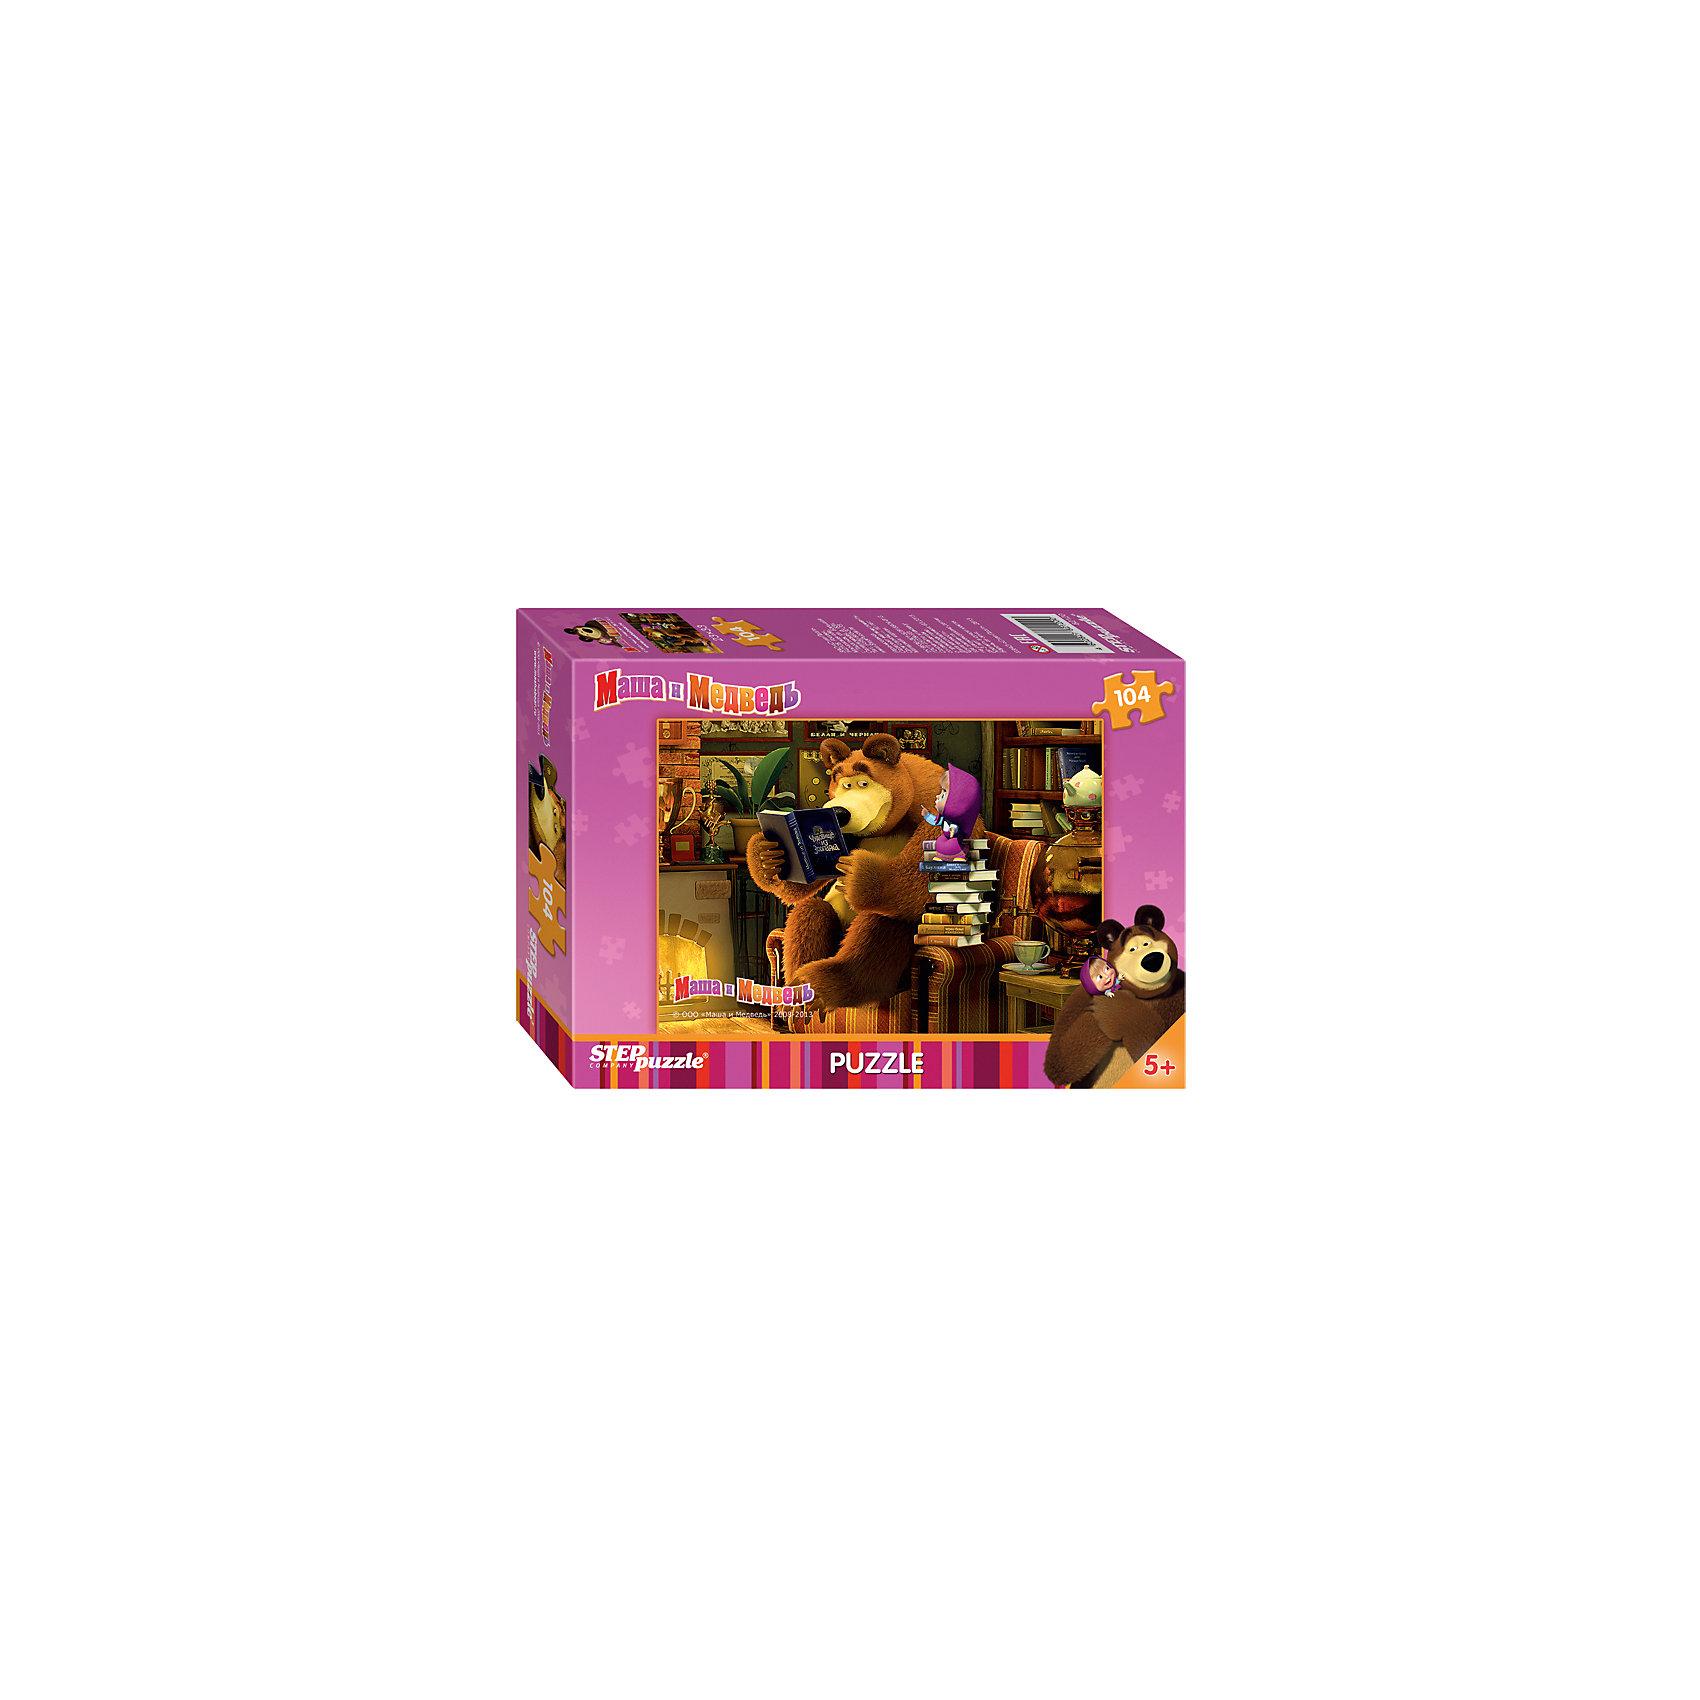 Пазл Маша и Медведь, 104 детали, Step PuzzleКлассические пазлы<br>Пазл Маша и Медведь, 104 детали, Step Puzzle (Степ Пазл) – это замечательный красочный пазл с изображением любимых героев.<br>Озорная Маша и добрый Медведь приглашают принять участие в волшебных приключениях. Подарите ребенку чудесный пазл Маша и Медведь, и он будет увлеченно подбирать детали, пока не составит яркую и интересную картинку, на которой уставший Медведь читает Маше сказку, а та все не собирается ложиться спать, требуя продолжения, несмотря на то, что они уже перечитали, целую стопку книг. Сборка пазла Маша и Медведь от Step Puzzle (Степ Пазл) подарит Вашему ребенку не только множество увлекательных вечеров, но и принесет пользу для развития. Координация, моторика, внимательность легко тренируются, пока ребенок увлеченно подбирает детали. Качественные фрагменты пазла отлично проклеены и идеально подходят один к другому, поэтому сборка пазла обеспечит малышу только положительные эмоции. Вы будете использовать этот пазл не один год, ведь благодаря качественной нарезке детали не расслаиваются даже после многократного использования.<br><br>Дополнительная информация:<br><br>- Количество деталей: 104<br>- Материал: картон<br>- Размер собранной картинки: 33х23 см.<br>- Особенно понравится поклонникам мультсериала Маша и Медведь<br>- Отличная проклейка<br>- Долгий срок службы<br>- Детали идеально подходят друг другу<br>- Яркий сюжет<br>- Упаковка: картонная коробка<br>- Размер упаковки: 140x196x36 мм.<br>- Вес: 106 гр.<br><br>Пазл Маша и Медведь, 104 детали, Step Puzzle (Степ Пазл) можно купить в нашем интернет-магазине.<br><br>Ширина мм: 20<br>Глубина мм: 14<br>Высота мм: 4<br>Вес г: 150<br>Возраст от месяцев: 60<br>Возраст до месяцев: 96<br>Пол: Унисекс<br>Возраст: Детский<br>Количество деталей: 104<br>SKU: 4162740